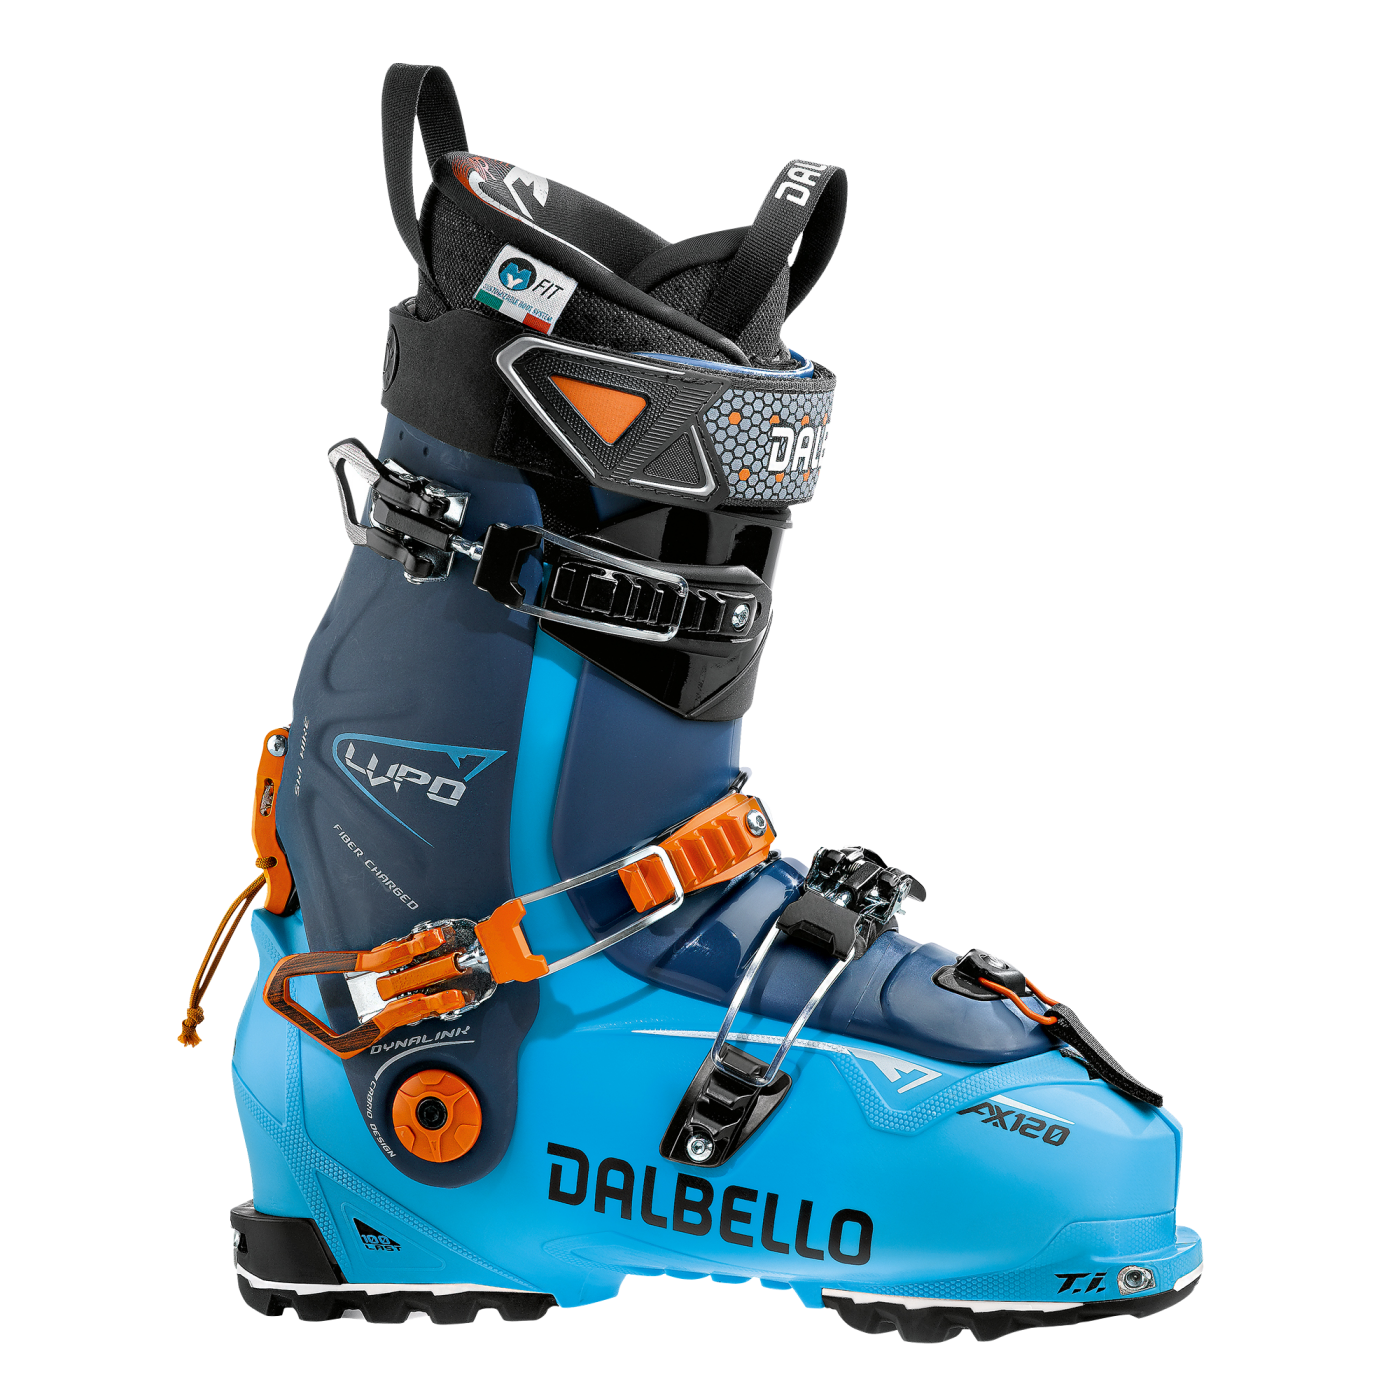 Dalbello Lupo AX 120 Ski Boots 2019